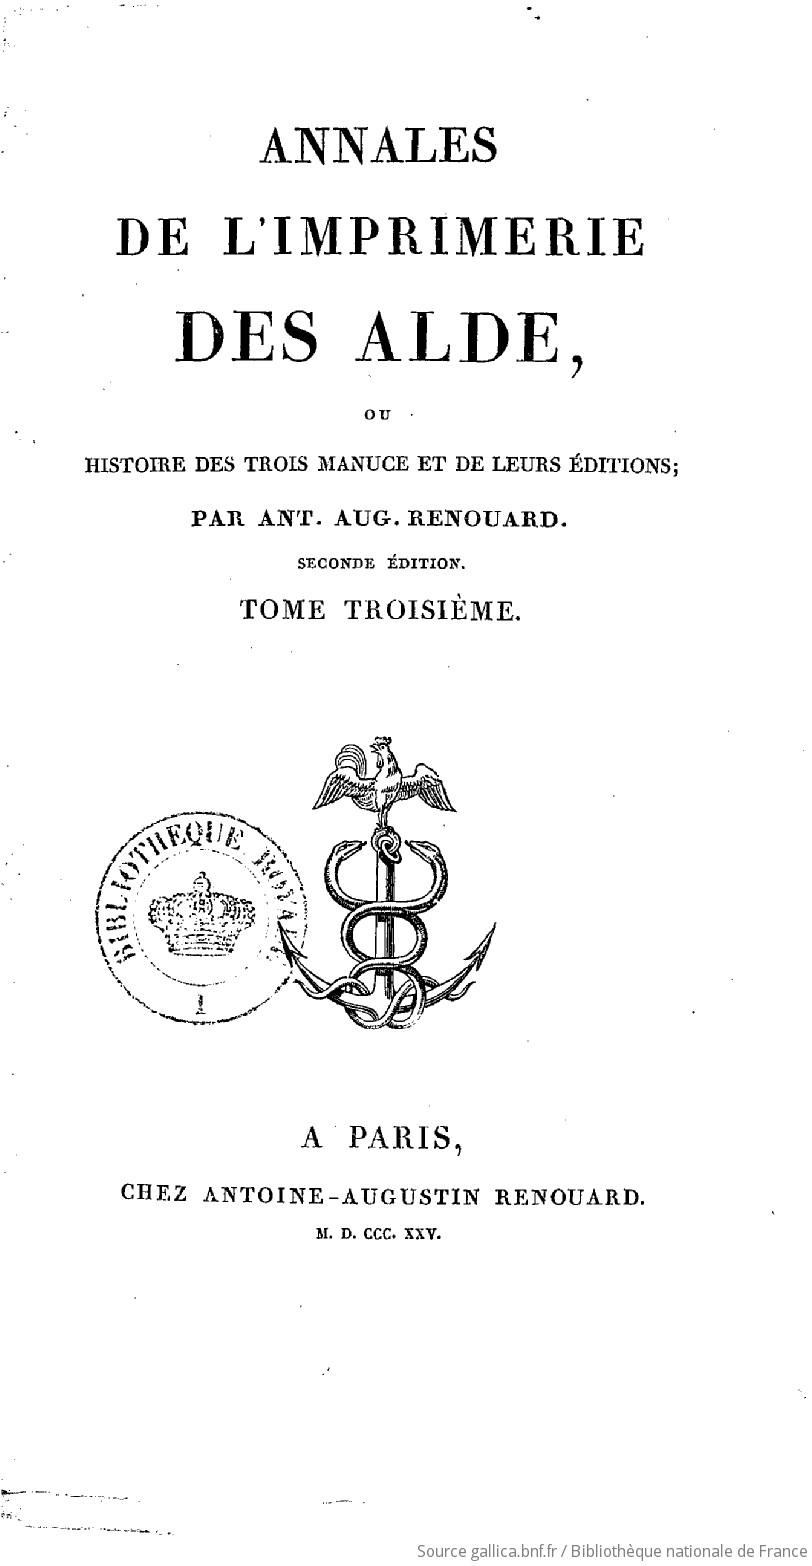 Annales de l'imprimerie des Alde, ou Histoire des trois Manuce et de leurs éditions. Tome 3 / , par Ant.-Aug. Renouard,...